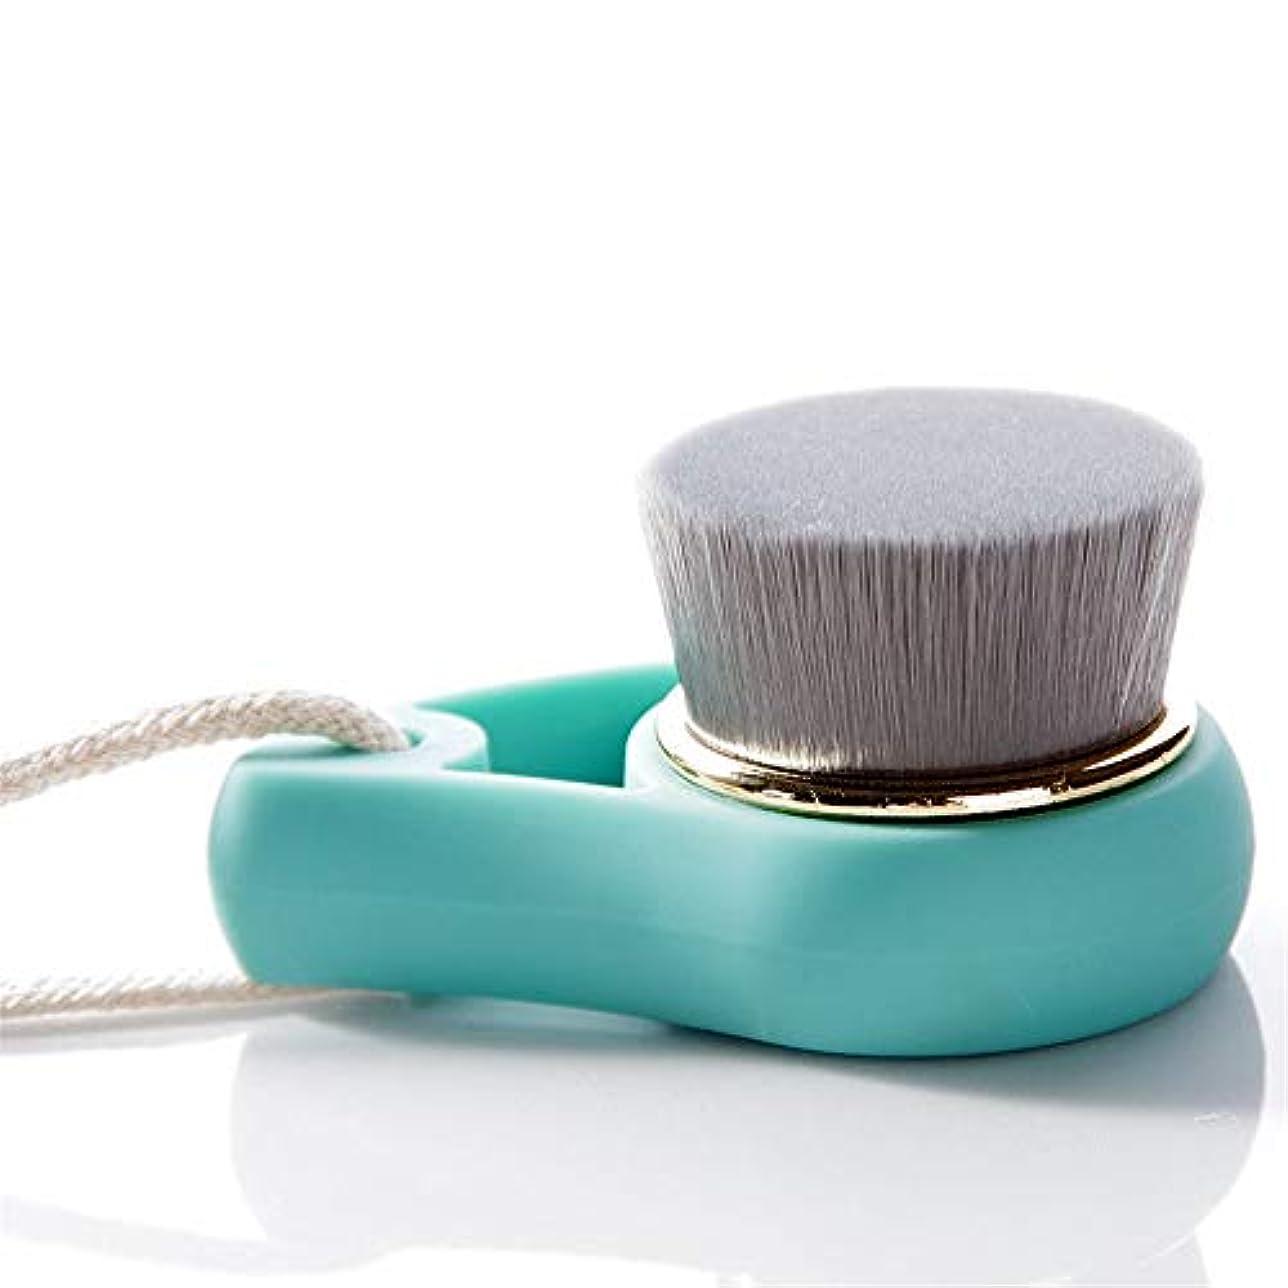 シフトバドミントンピストル洗顔ブラシ ソフト剛毛フェイスクリーニング美容ブラシ女性のクレンジングブラシ ディープクレンジングスキンケア用